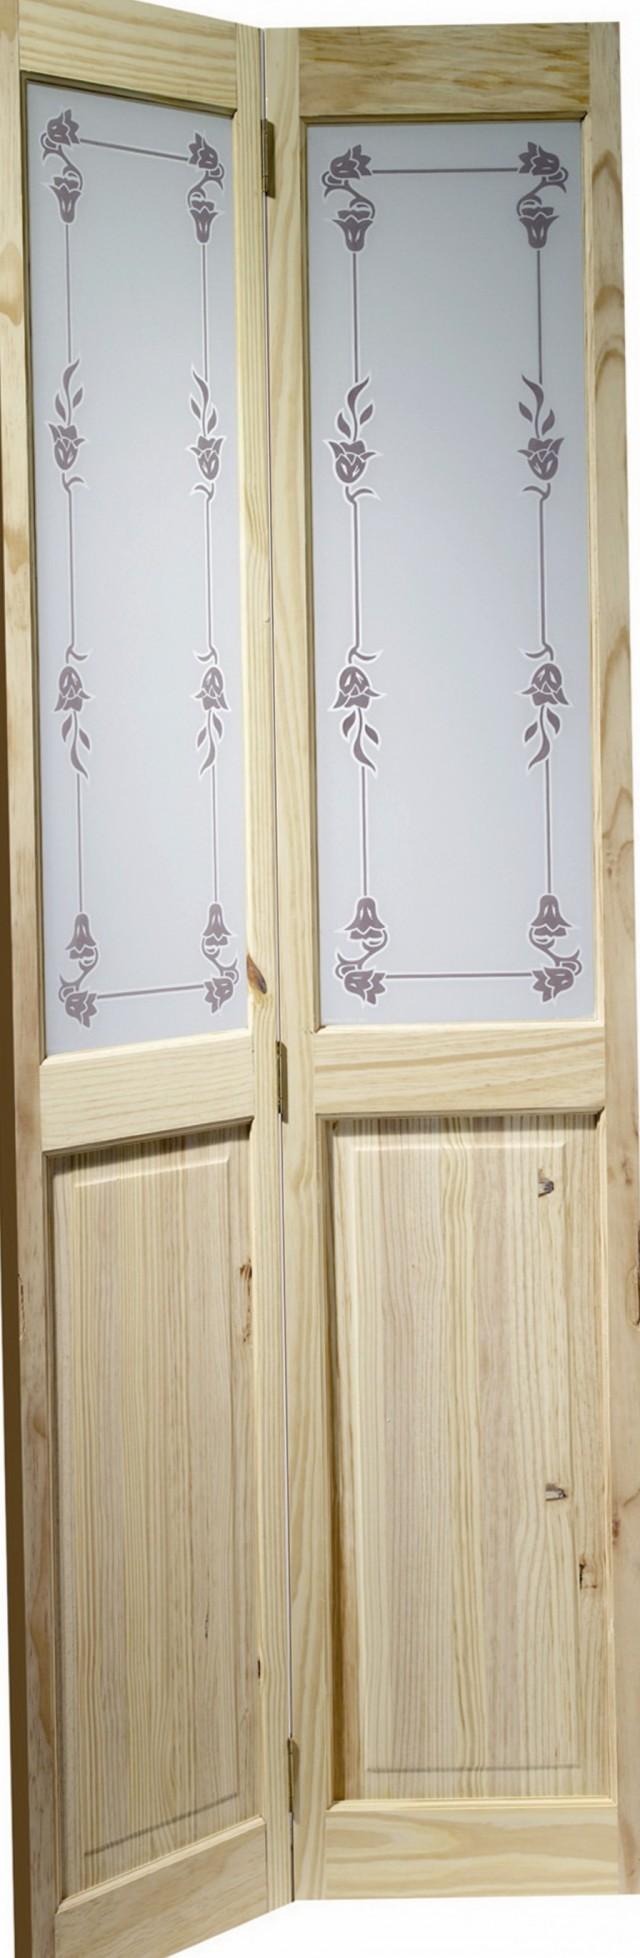 Louver Bifold Closet Doors